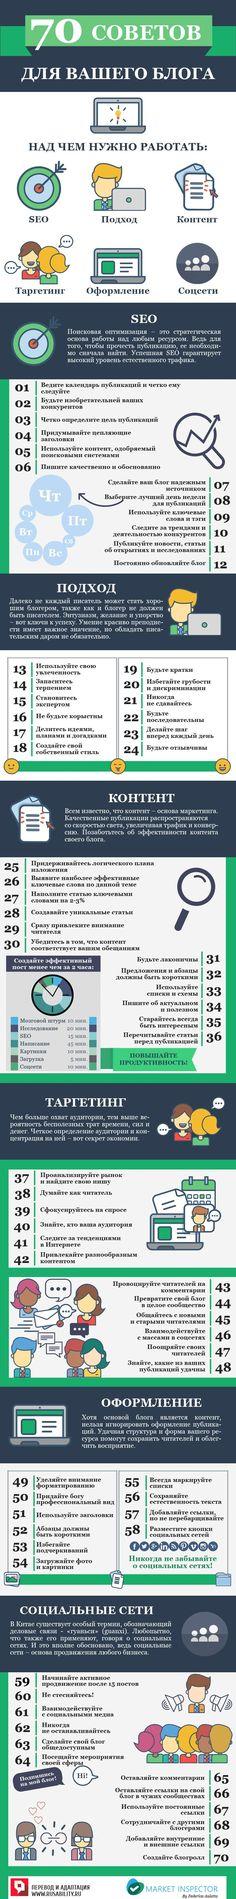 """https://rusability.ru/infographics/70-sovetov-dlya-vashego-bloga-infografika/ 70 советов для вашего блога Решающее значение имеет выбор хостинга для ваших проектов, какими они не были. <a href=""""http://timeweb.com/ru/?i=14467"""" rel="""""""">Надежный хостинг для ваших сайтов</a>"""